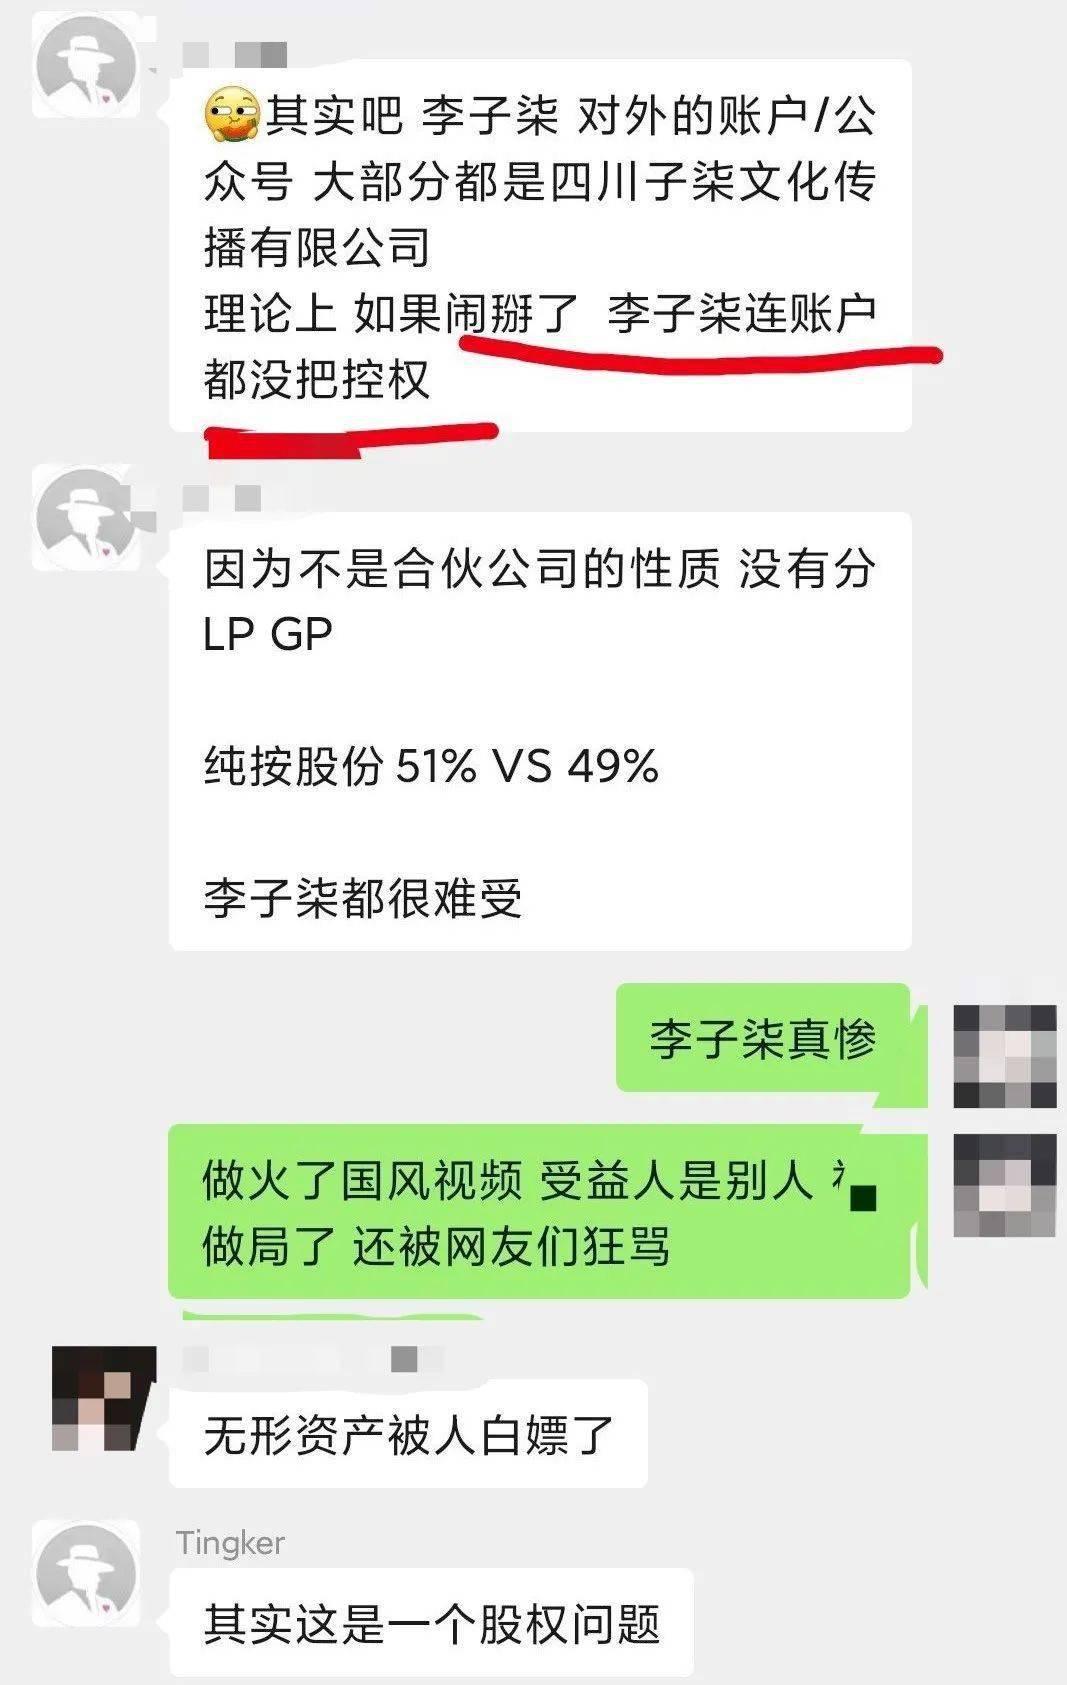 李子柒迷局:视频停更新66天,千万网红斗不过资本?